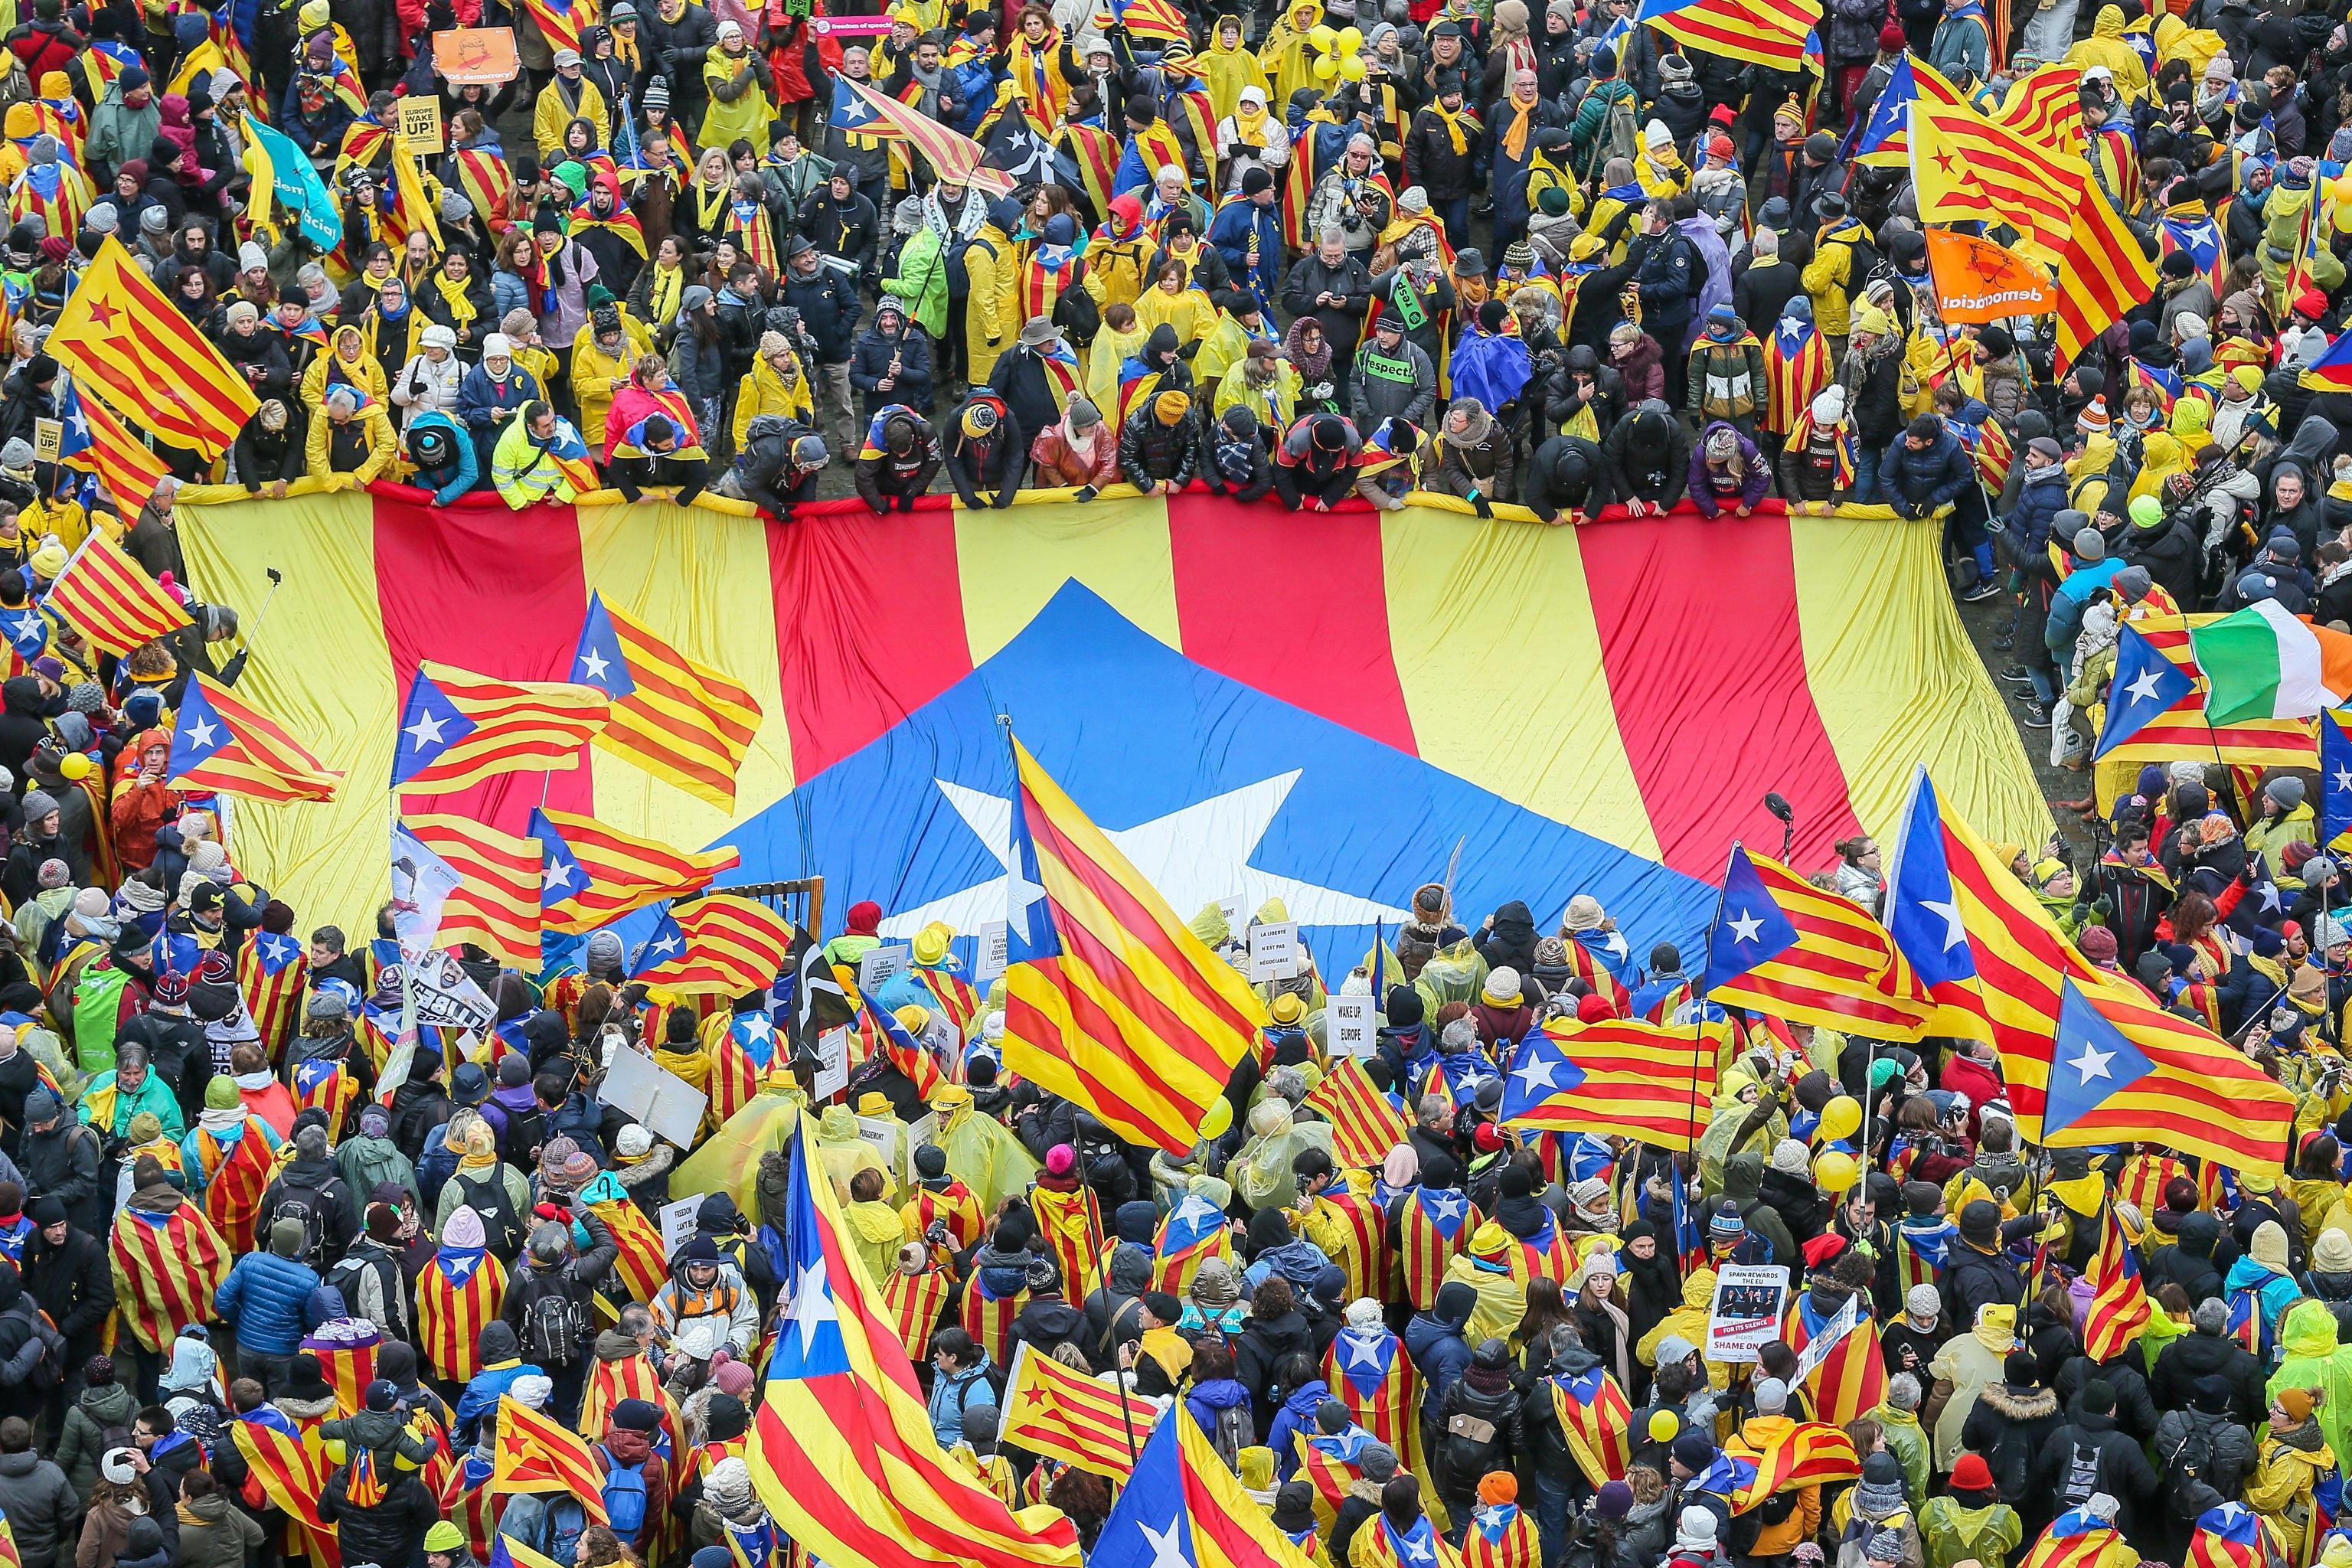 La folla in strada per l'indipendenza della Catalogna